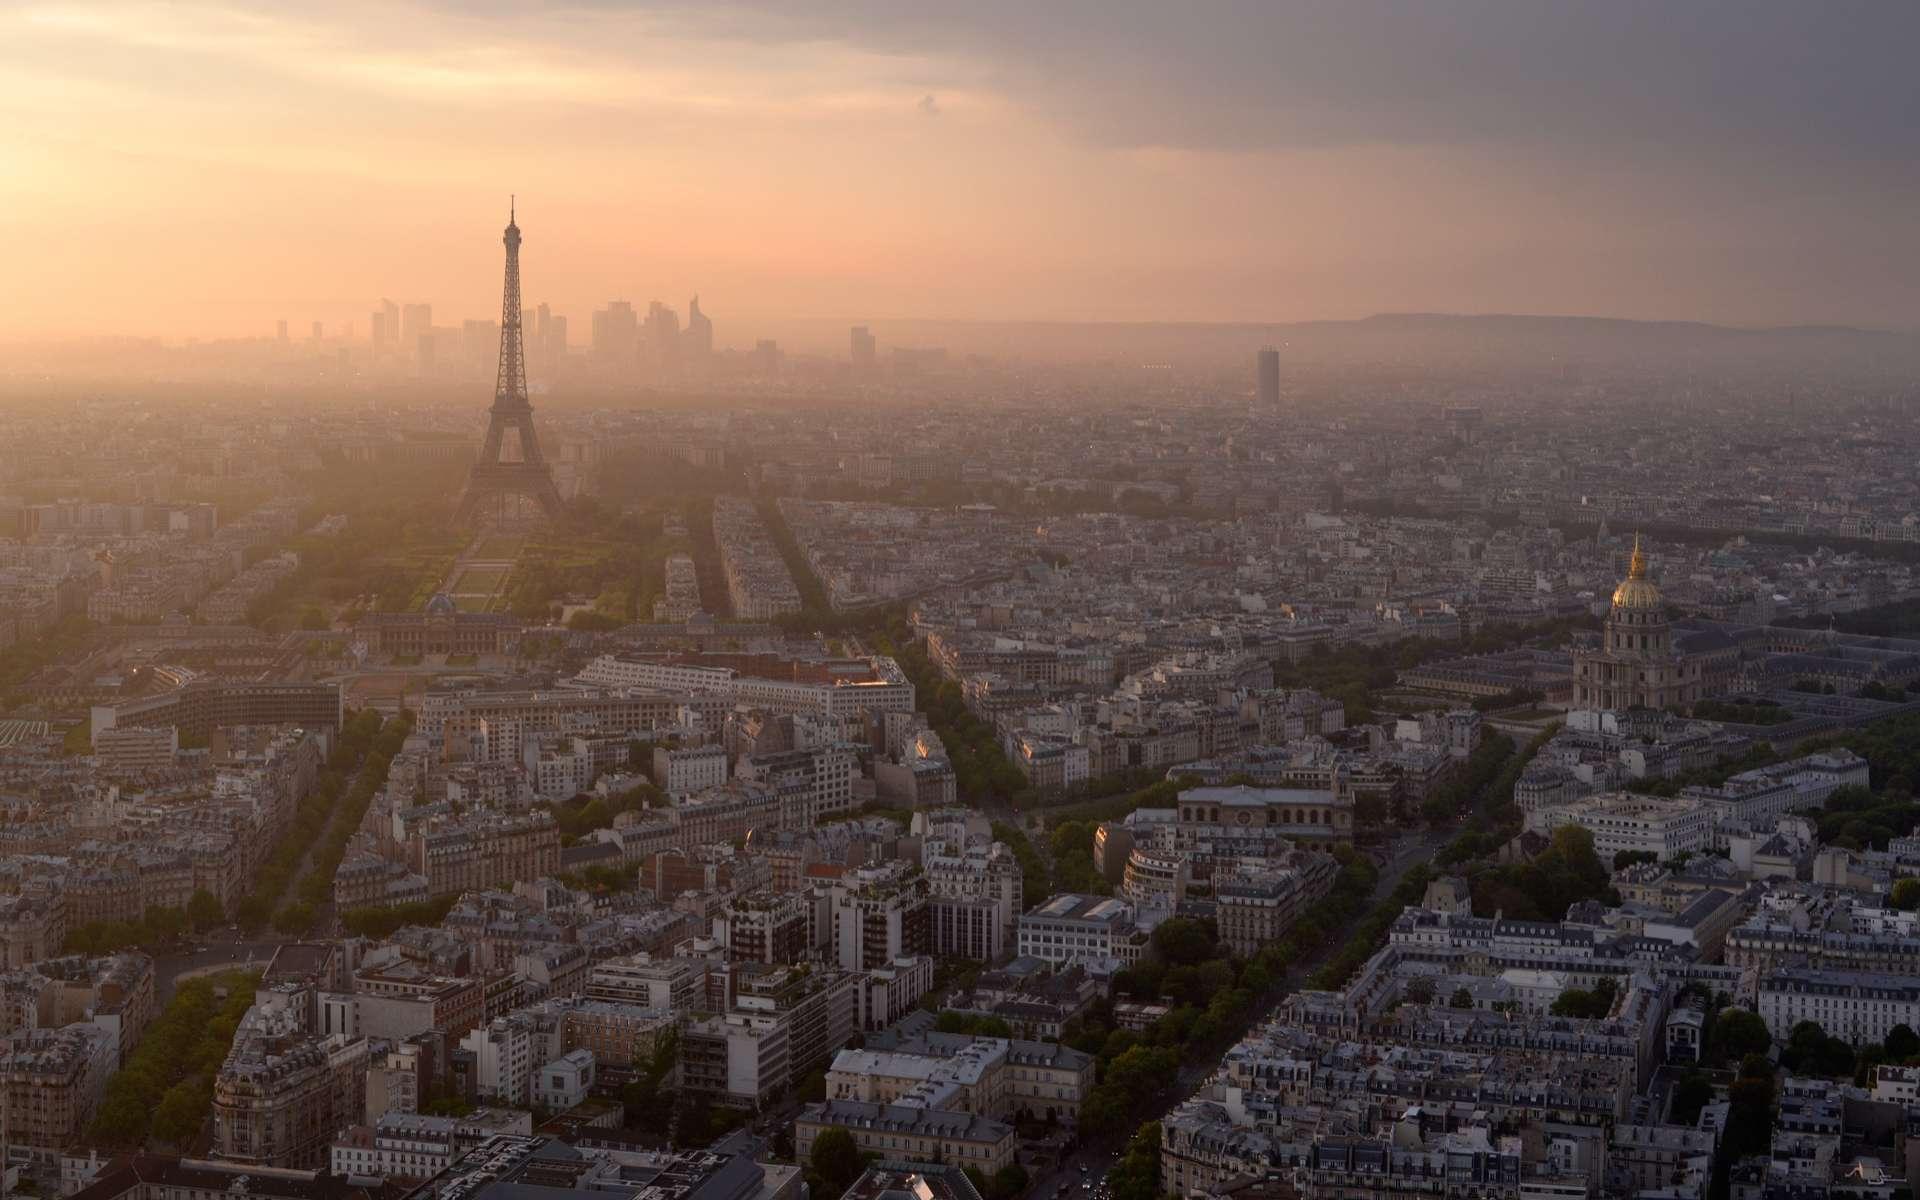 Les concentrations de CO2 sont les plus élevées depuis des millions d'années. © Kletr, Fotolia